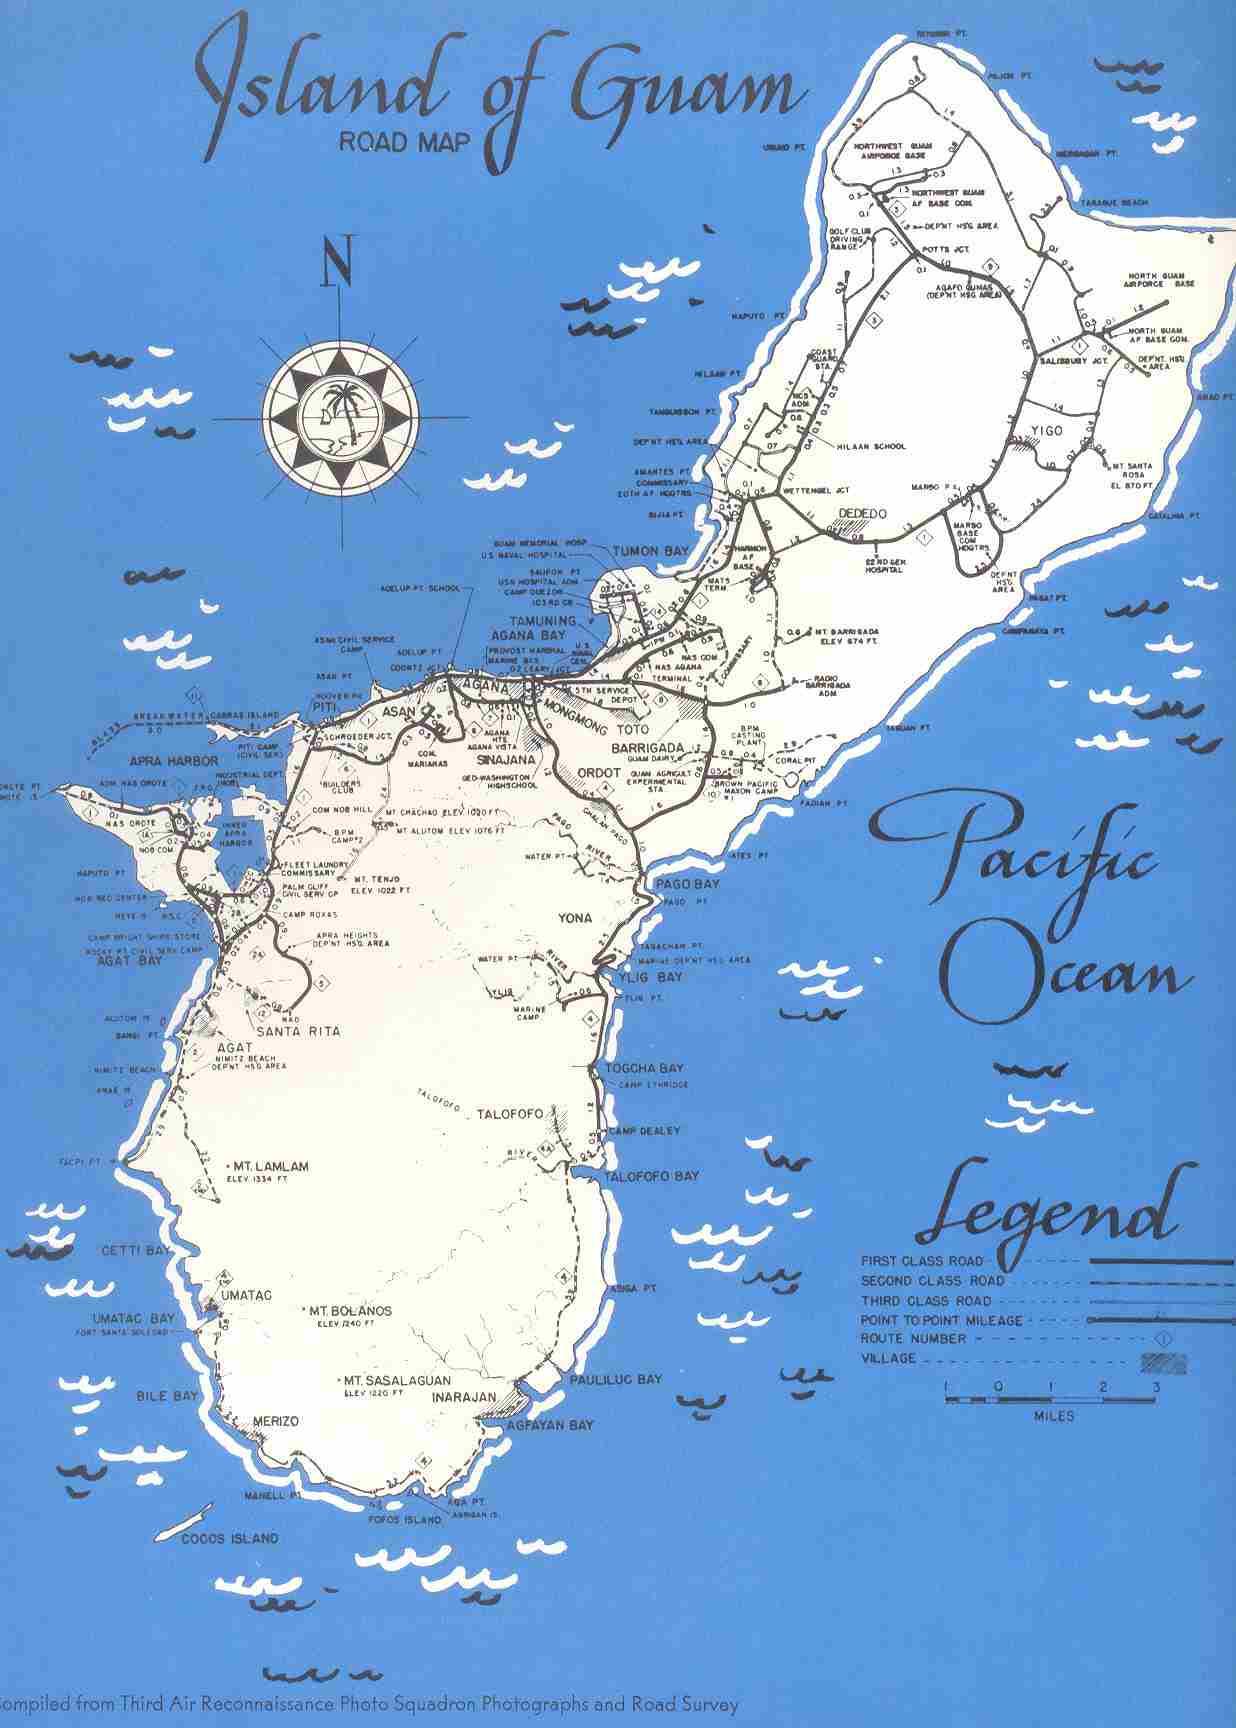 NSGDept Guam Mariana Islands Map Of Guam - Guam map